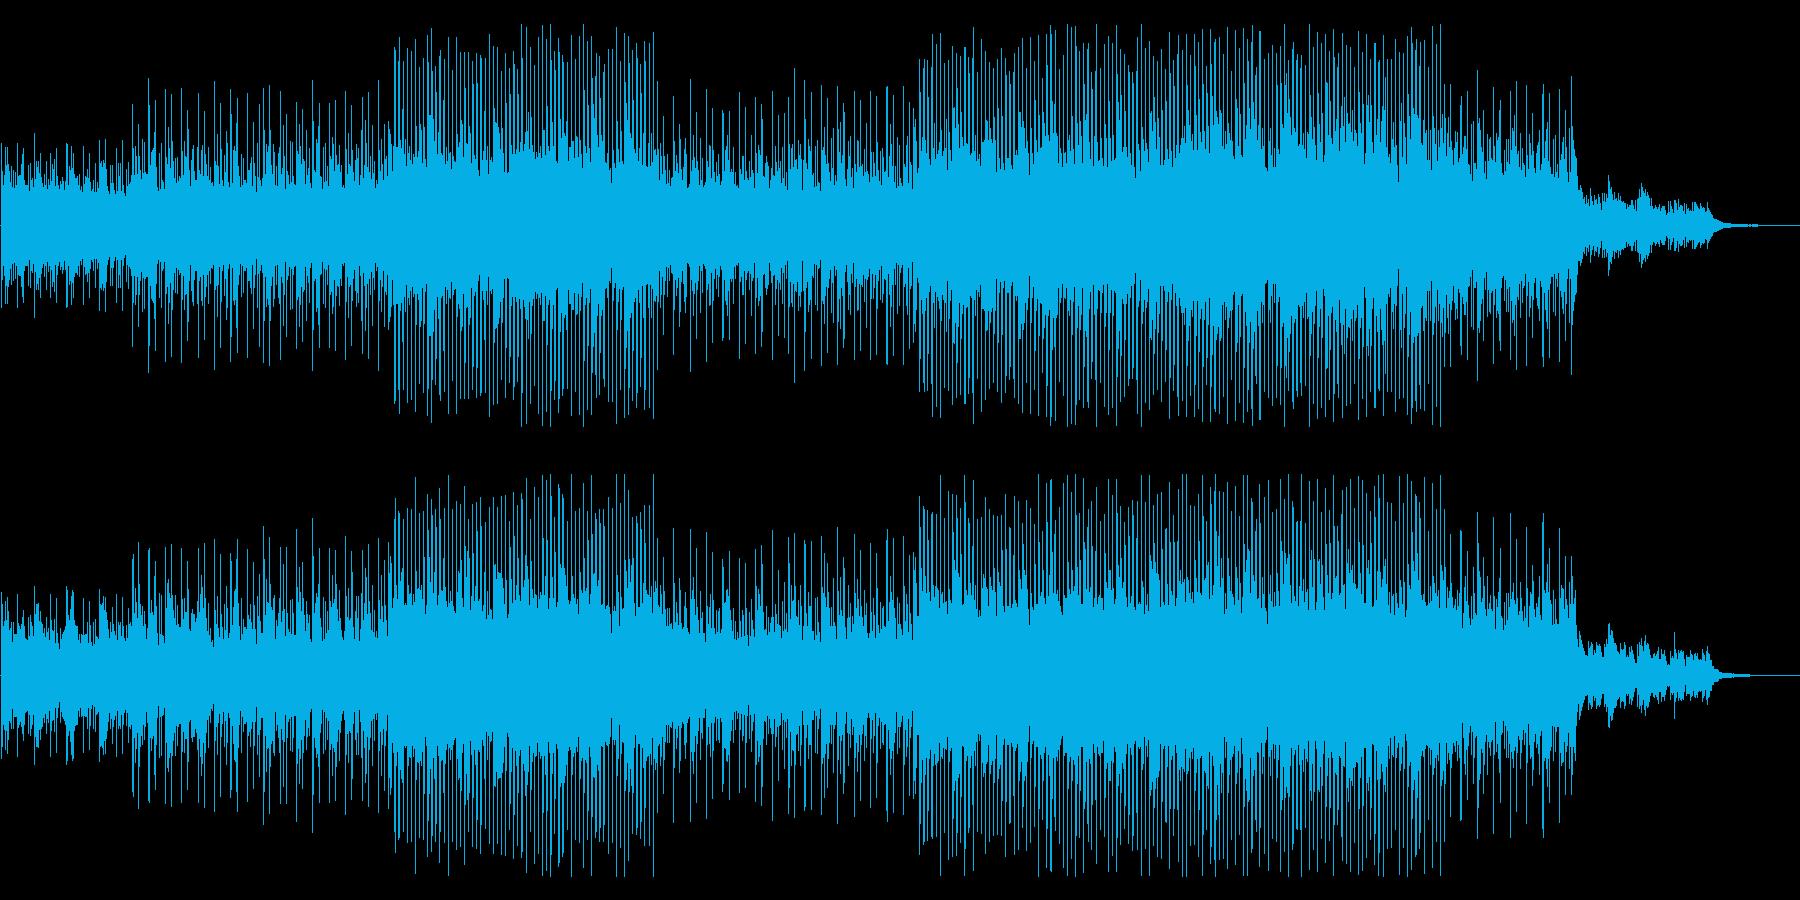 アップテンポで綺麗なコーポレート向けの再生済みの波形